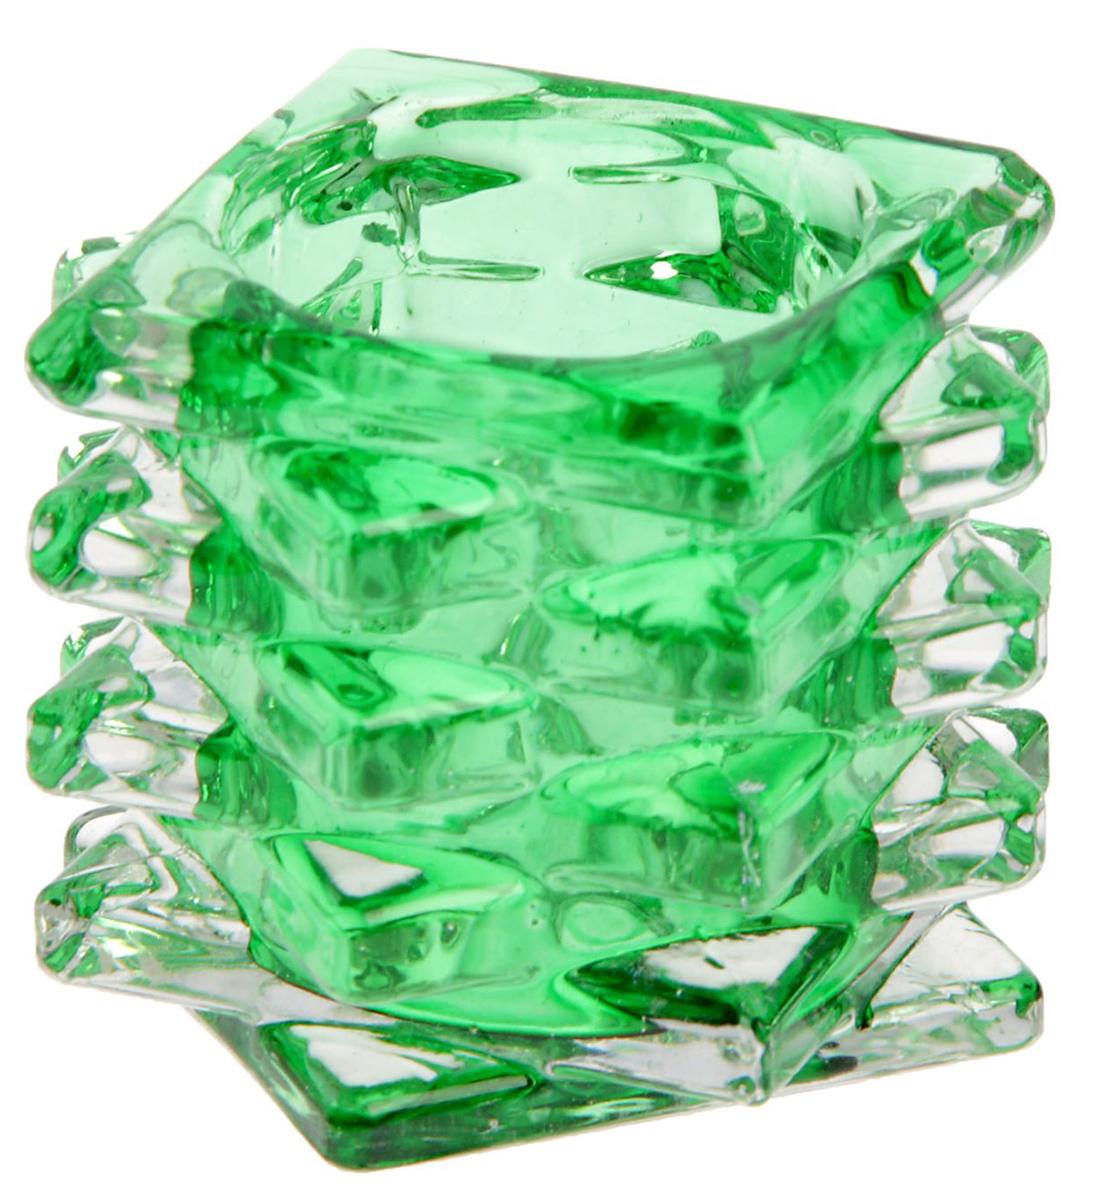 """Подсвечник """"Пятый элемент"""", цвет: прозрачный, зеленый, 7 х 7 х 5 см"""